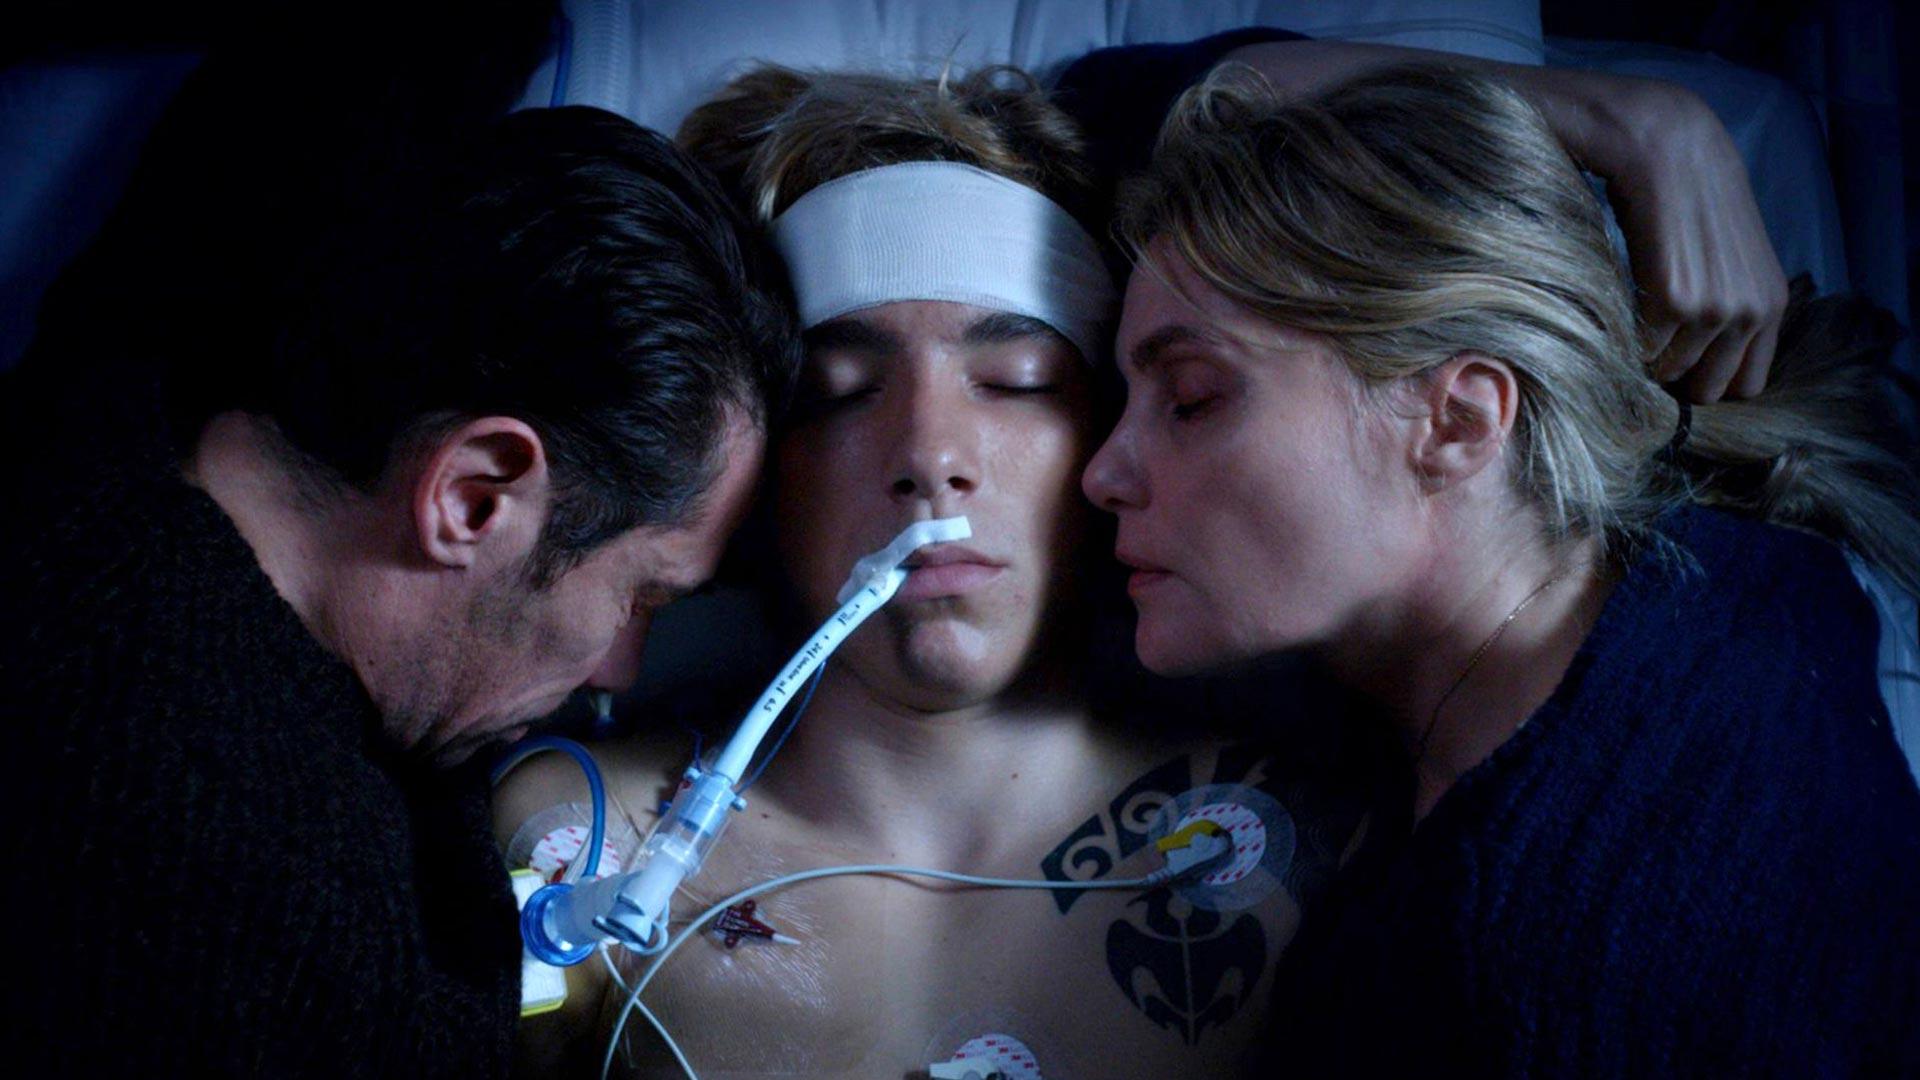 Kool Shen, Gabin Verdet ja Emmanuelle Seigner näyttelevät ranskalaisdraamanNiin kauan kuin sydän lyö keskeisissä rooleissa.